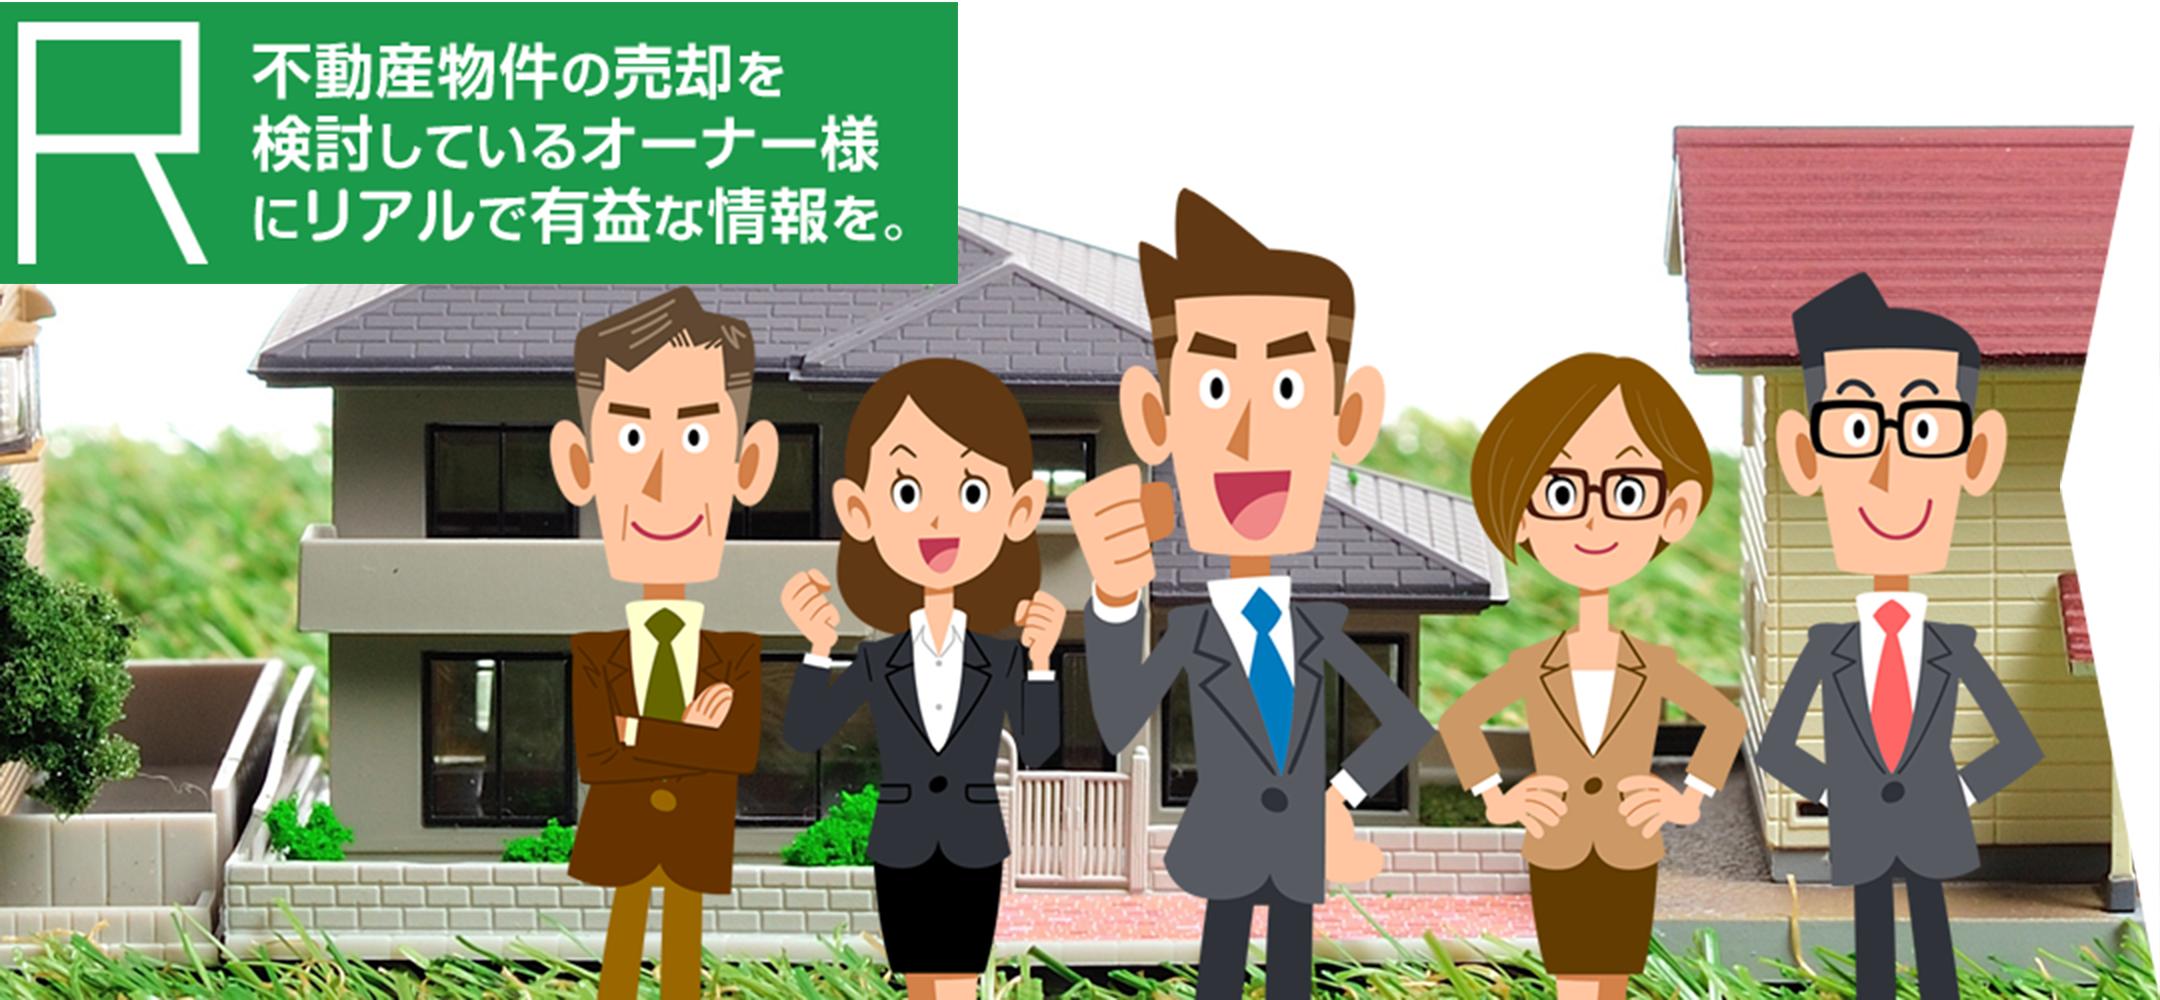 不動産物件の売却を検討しているオーナー様にリアルで有益な情報を。